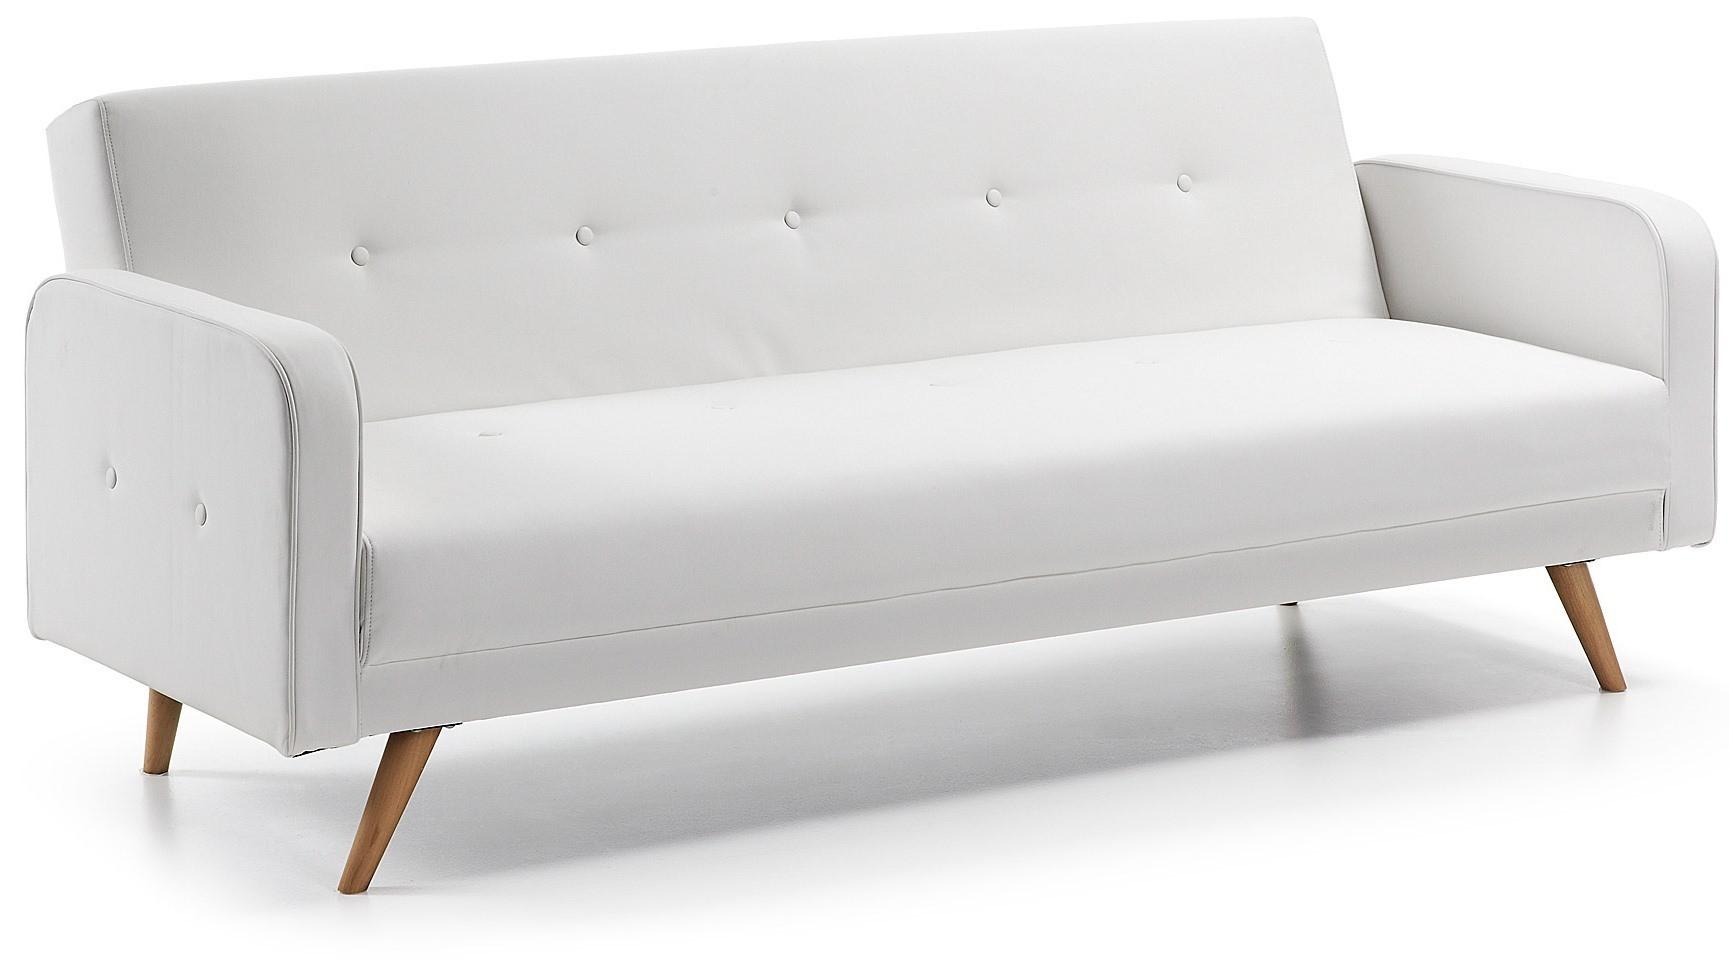 Credenza Con Piedi Alti : Roberto in ecopelle bianca divano 3 posti pronto letto con piedi